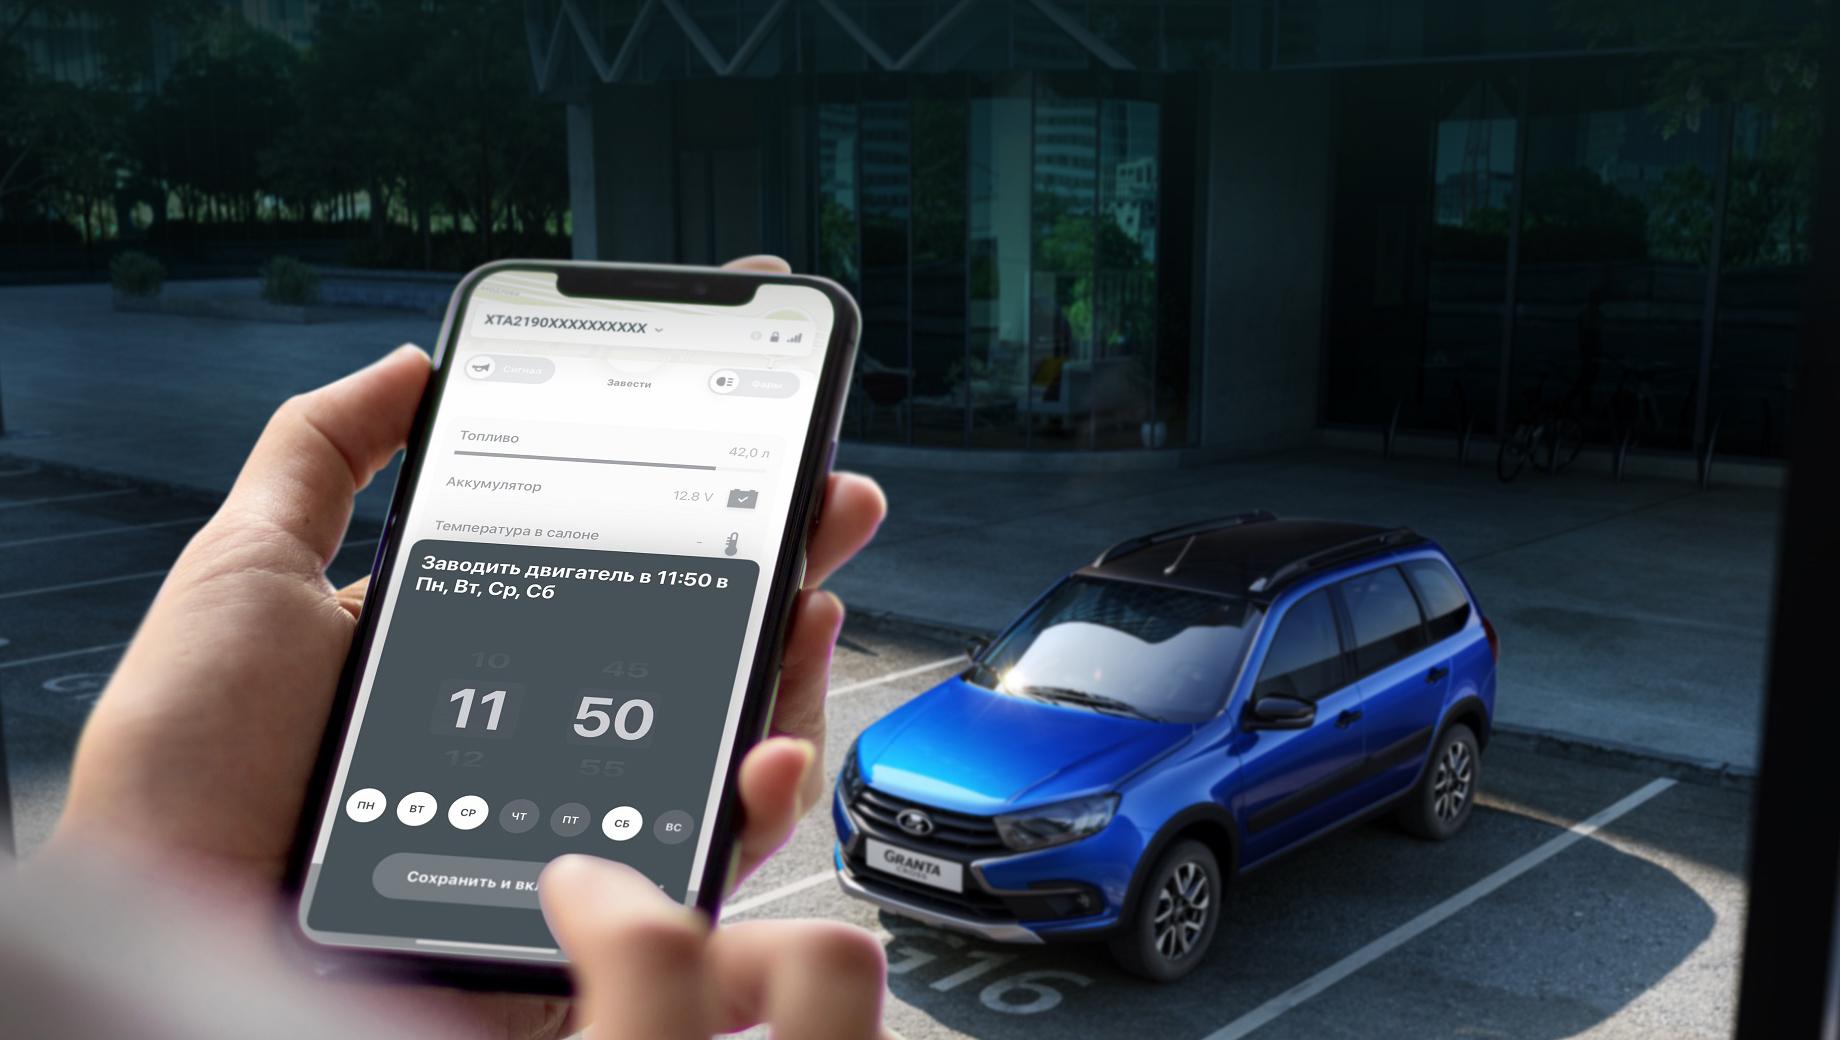 Lada granta. Комплекс Lada Connect был анонсирован в 2016 году, но сроки запуска на поток постоянно сдвигались. В развитии этого комплекса АвтоВАЗу помогла «Лаборатория умного вождения».